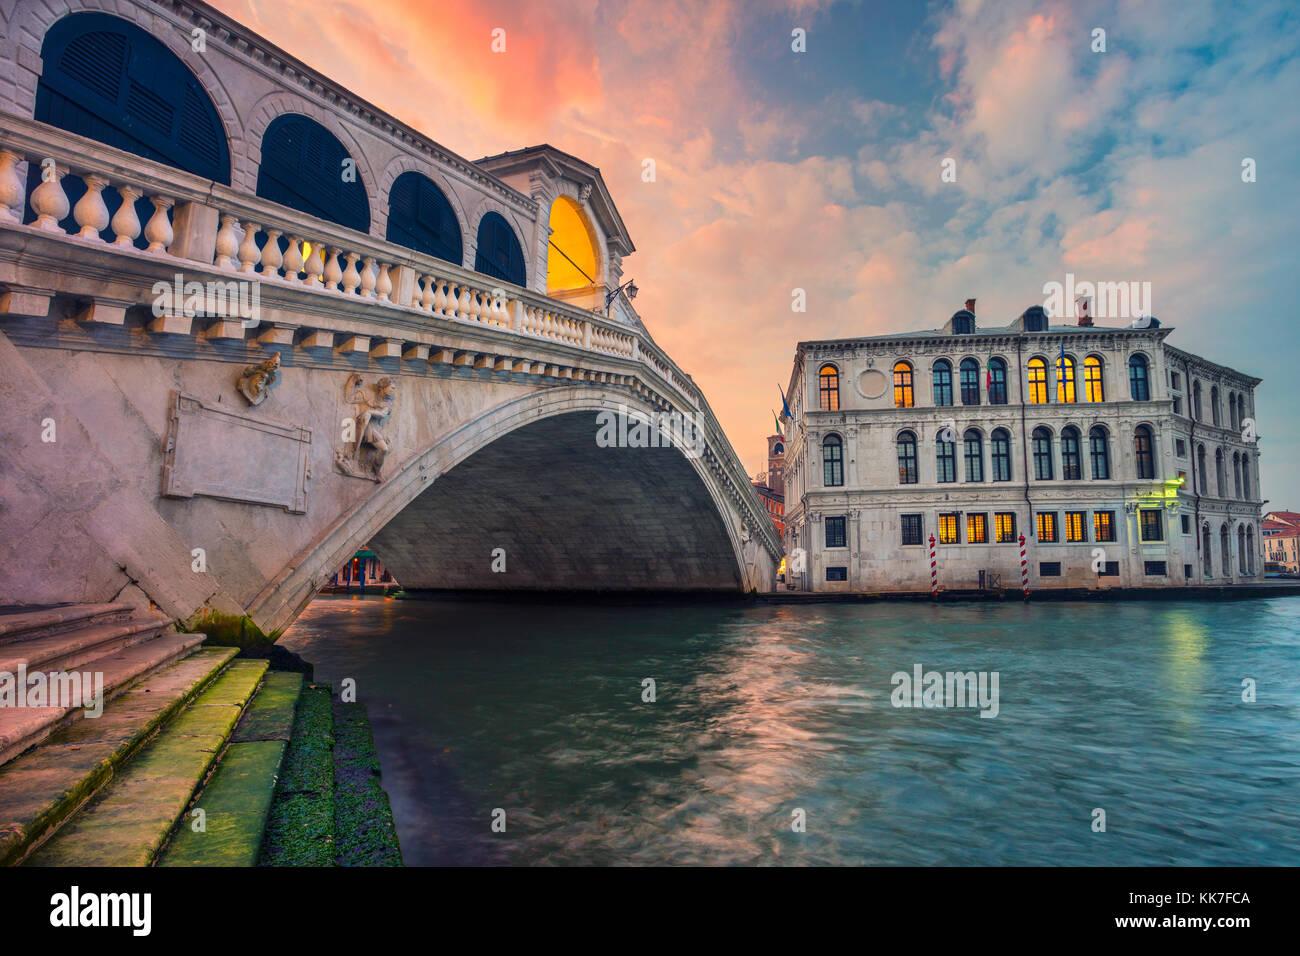 Venise. cityscape image de Venise avec le célèbre pont du Rialto et le grand canal. Photo Stock